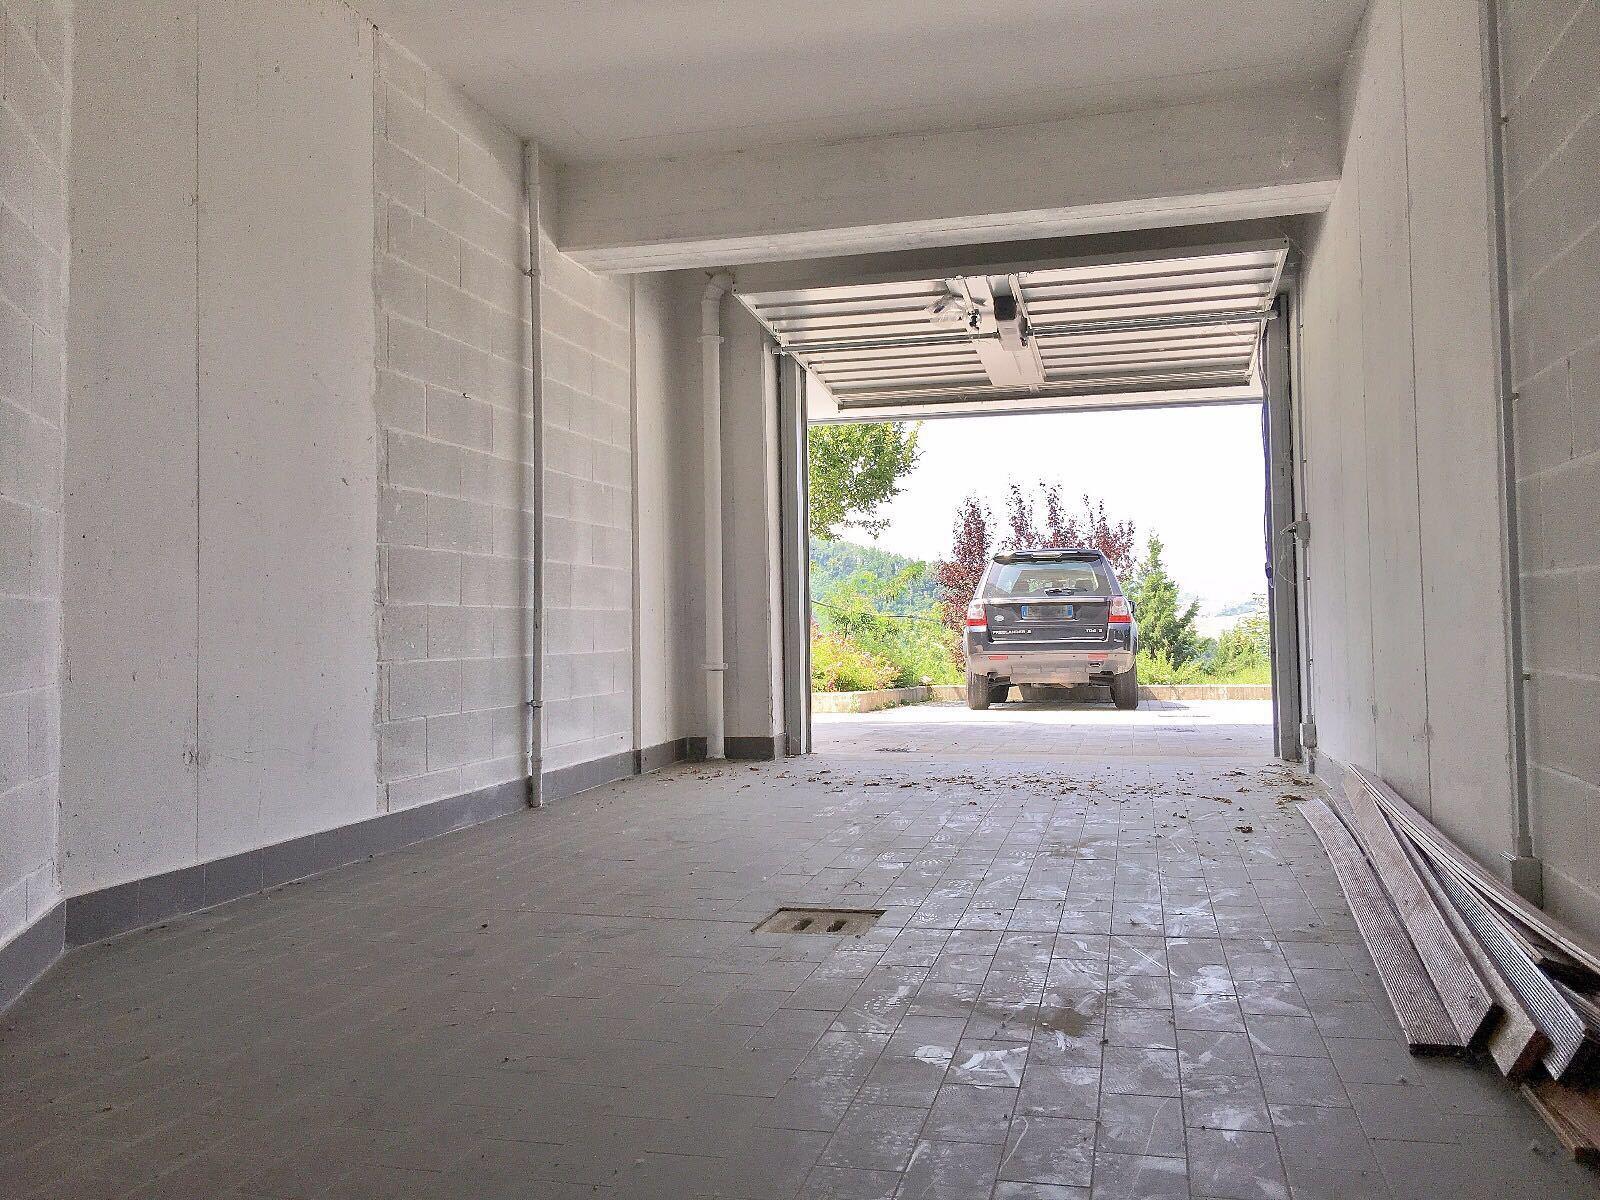 L'autorimessa con accesso dal disimpegno condominiale ed il basculante automatizzato